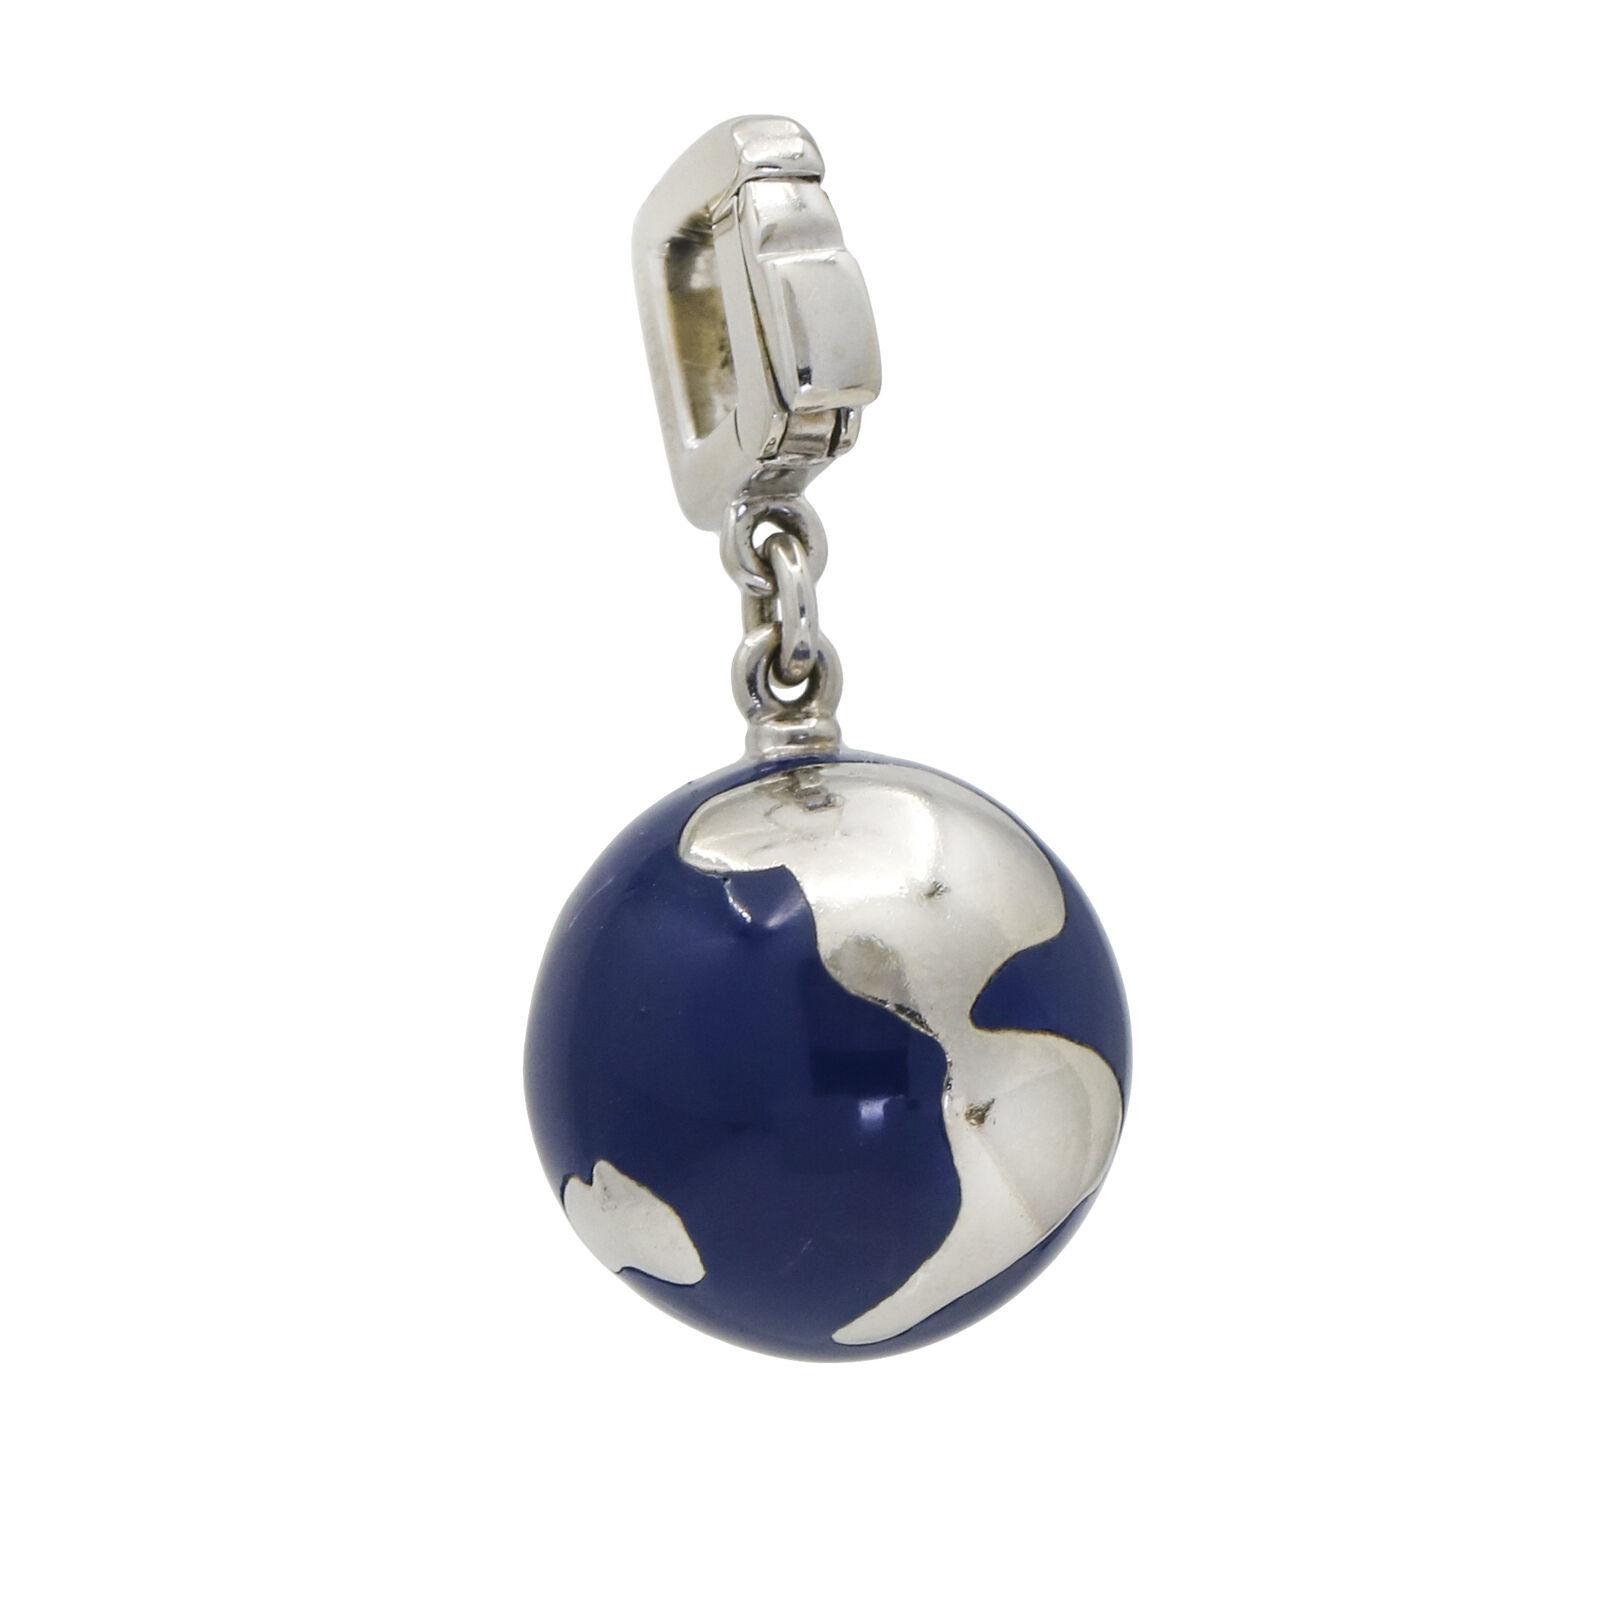 Louis Vuitton Enamel Globe Charm with a Diamond in 18k White Gold - $2,695.00